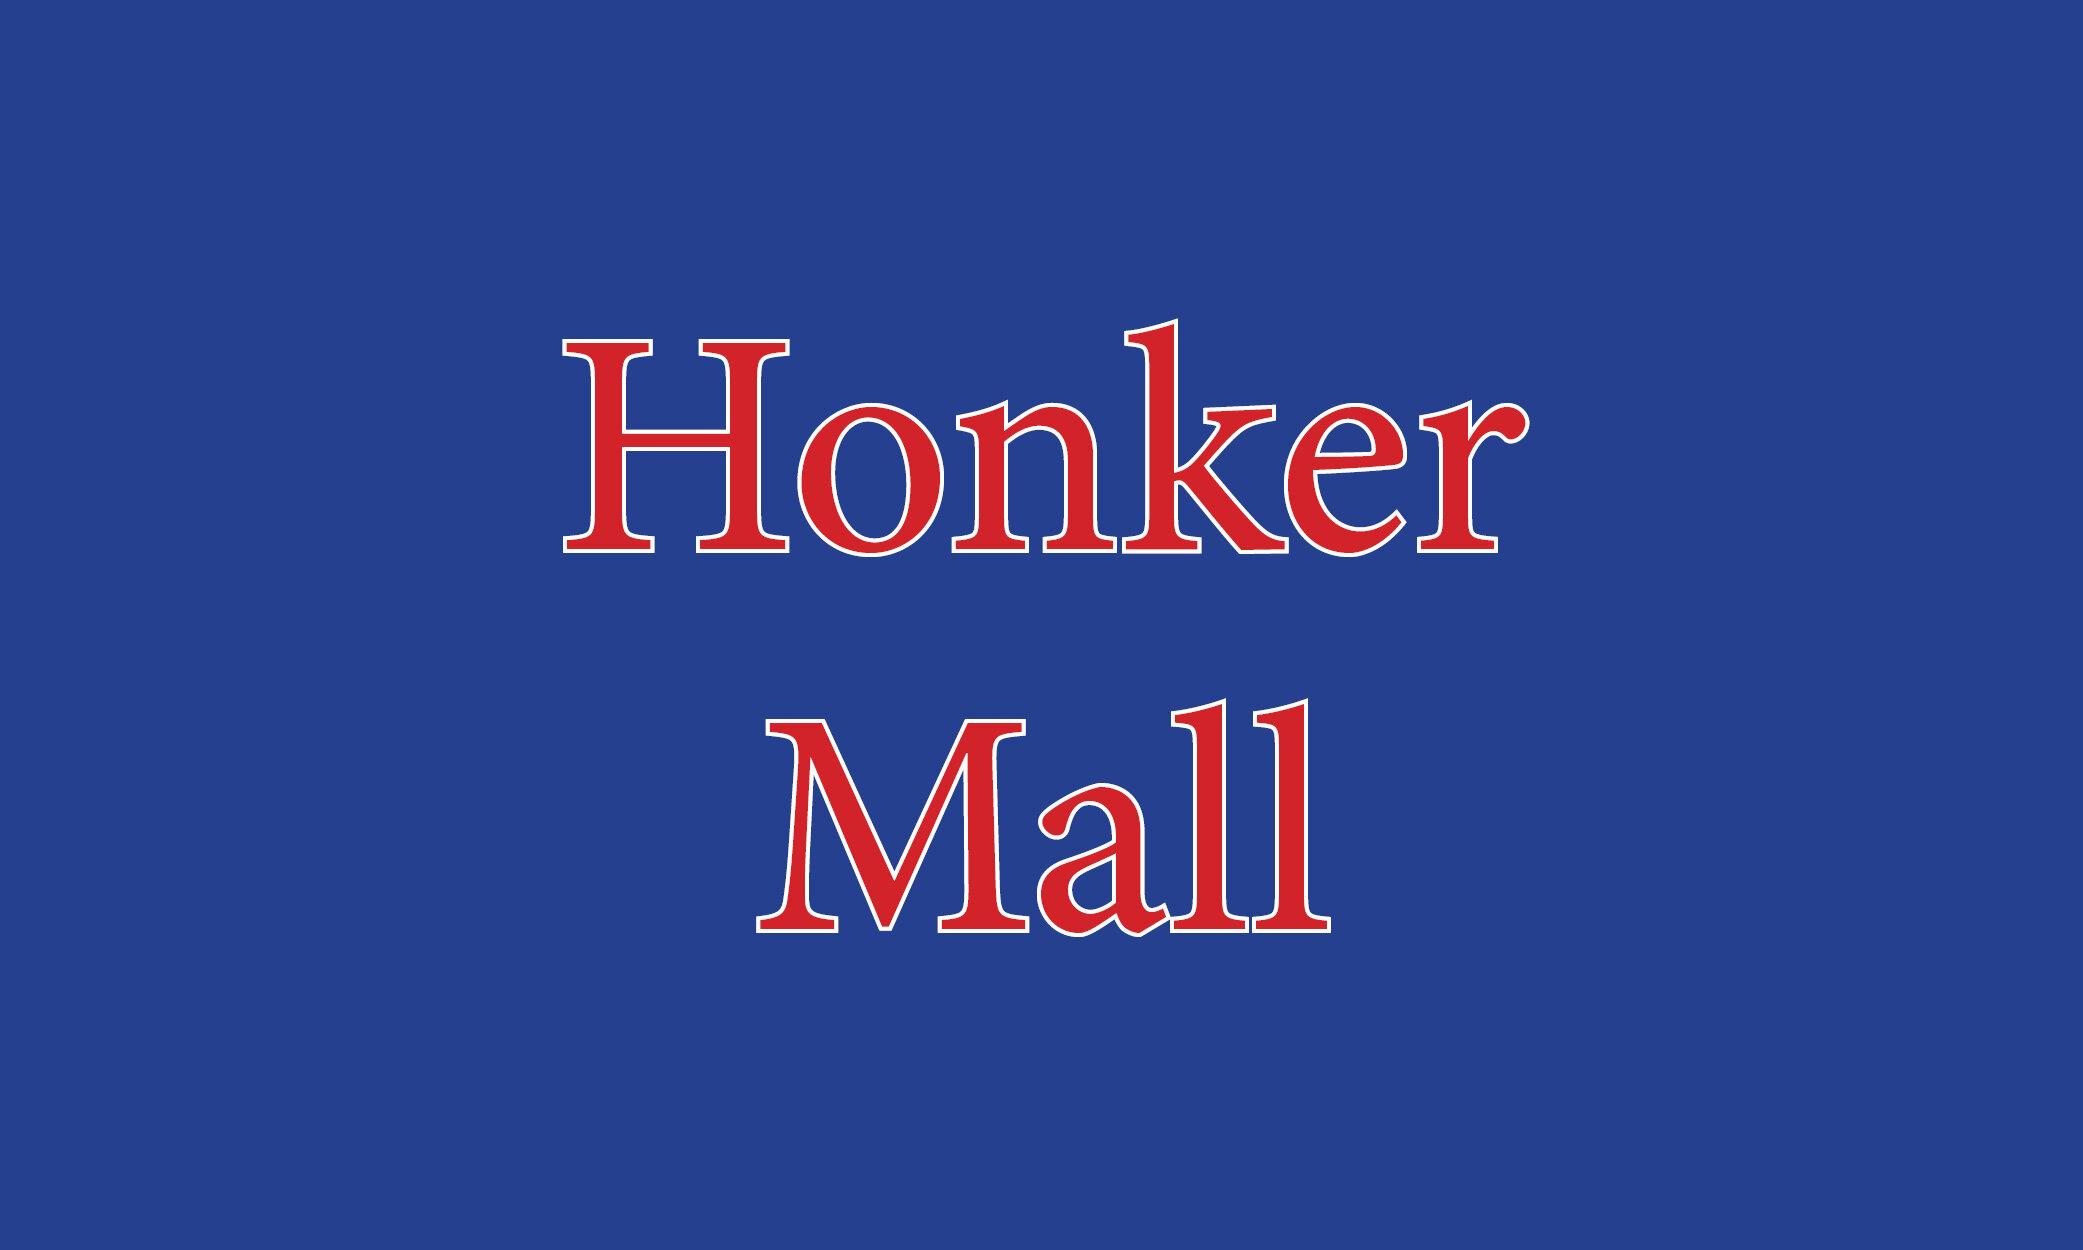 Honker Mall.jpg